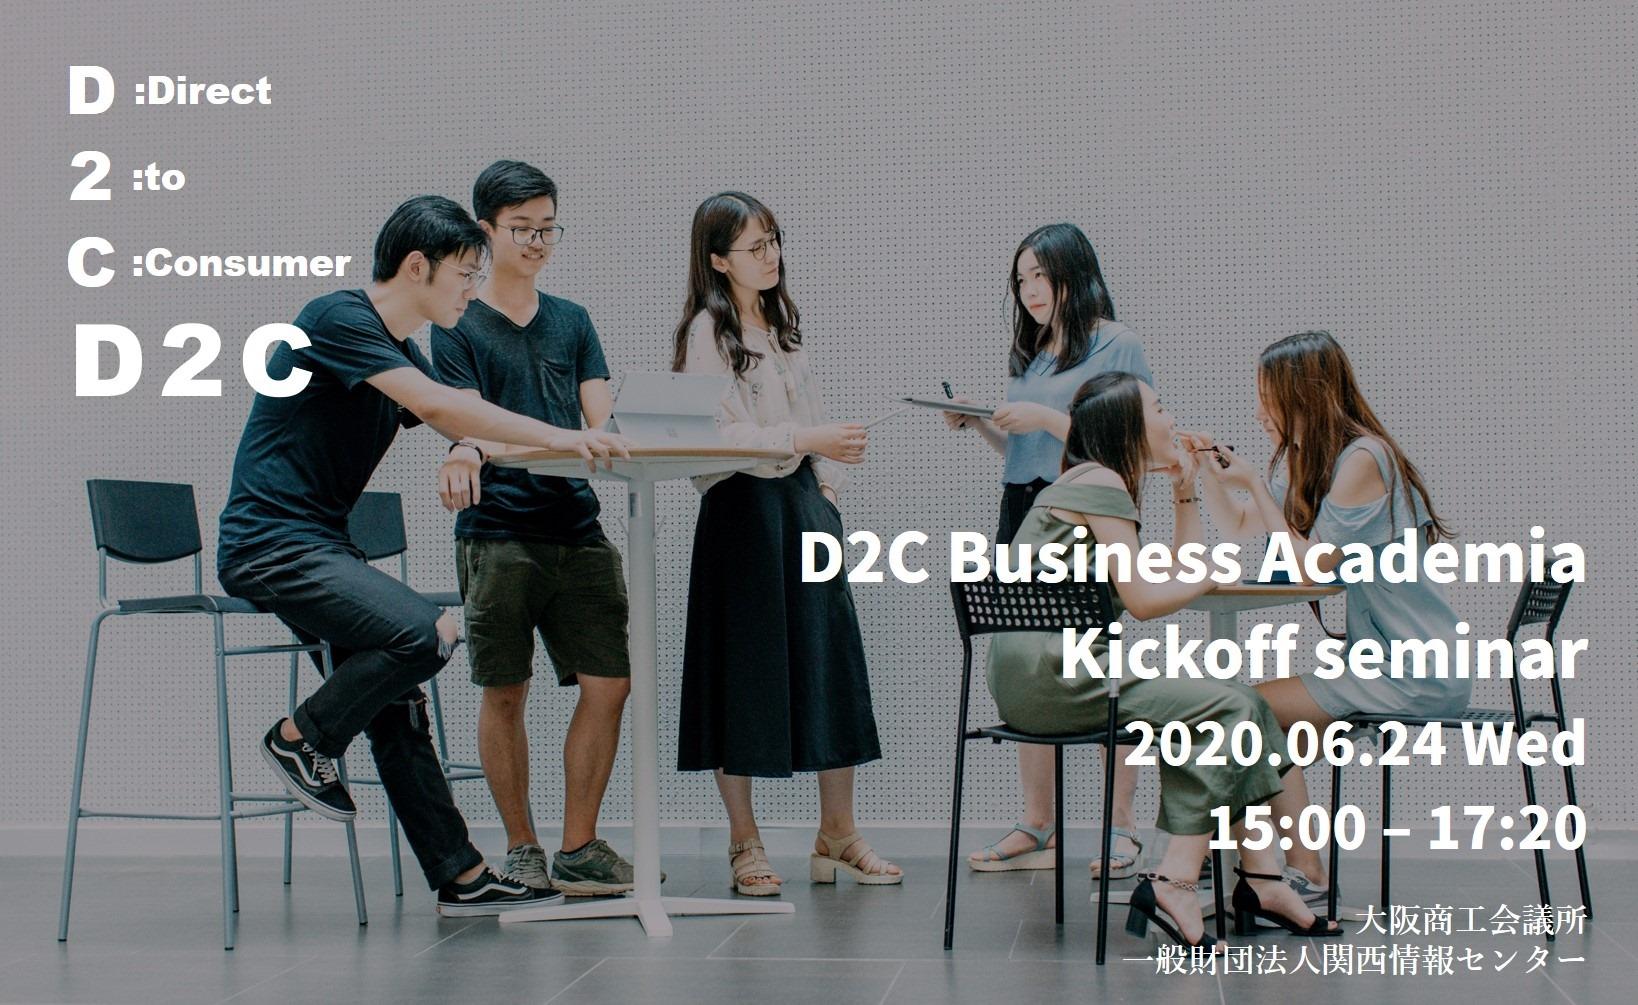 「D2CビジネスAcademia」キックオフセミナー